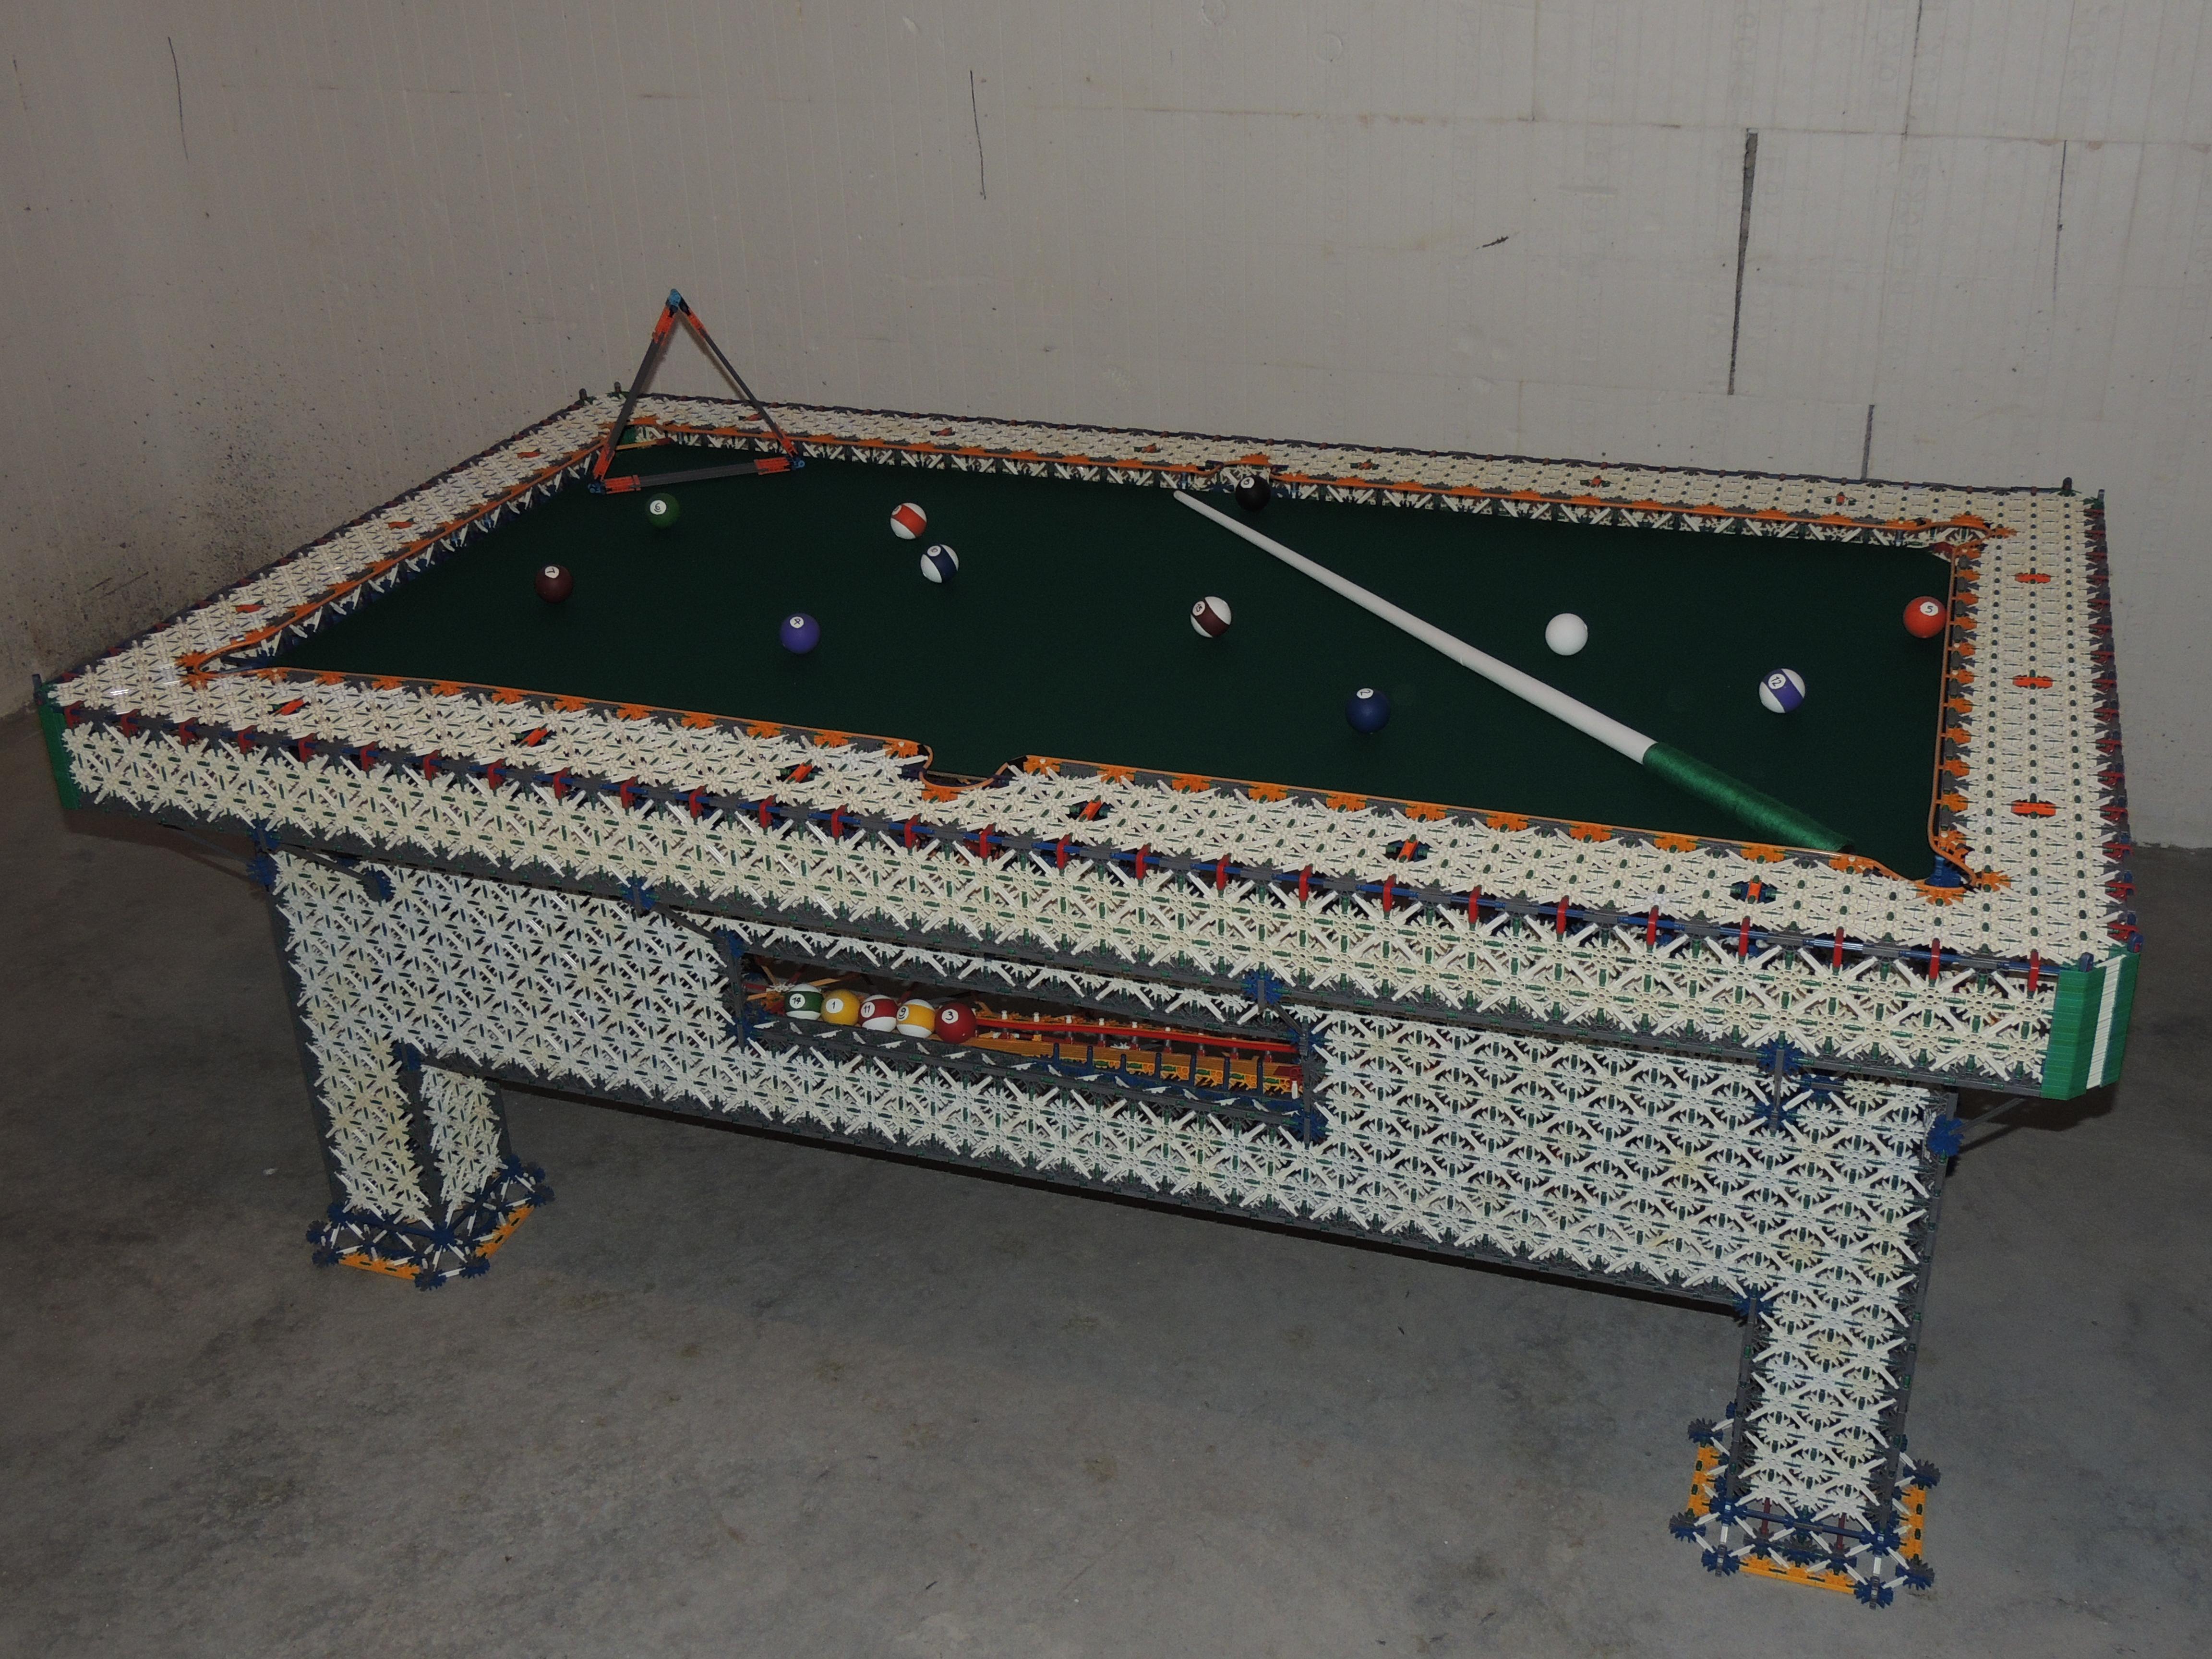 K'nex Pool Table